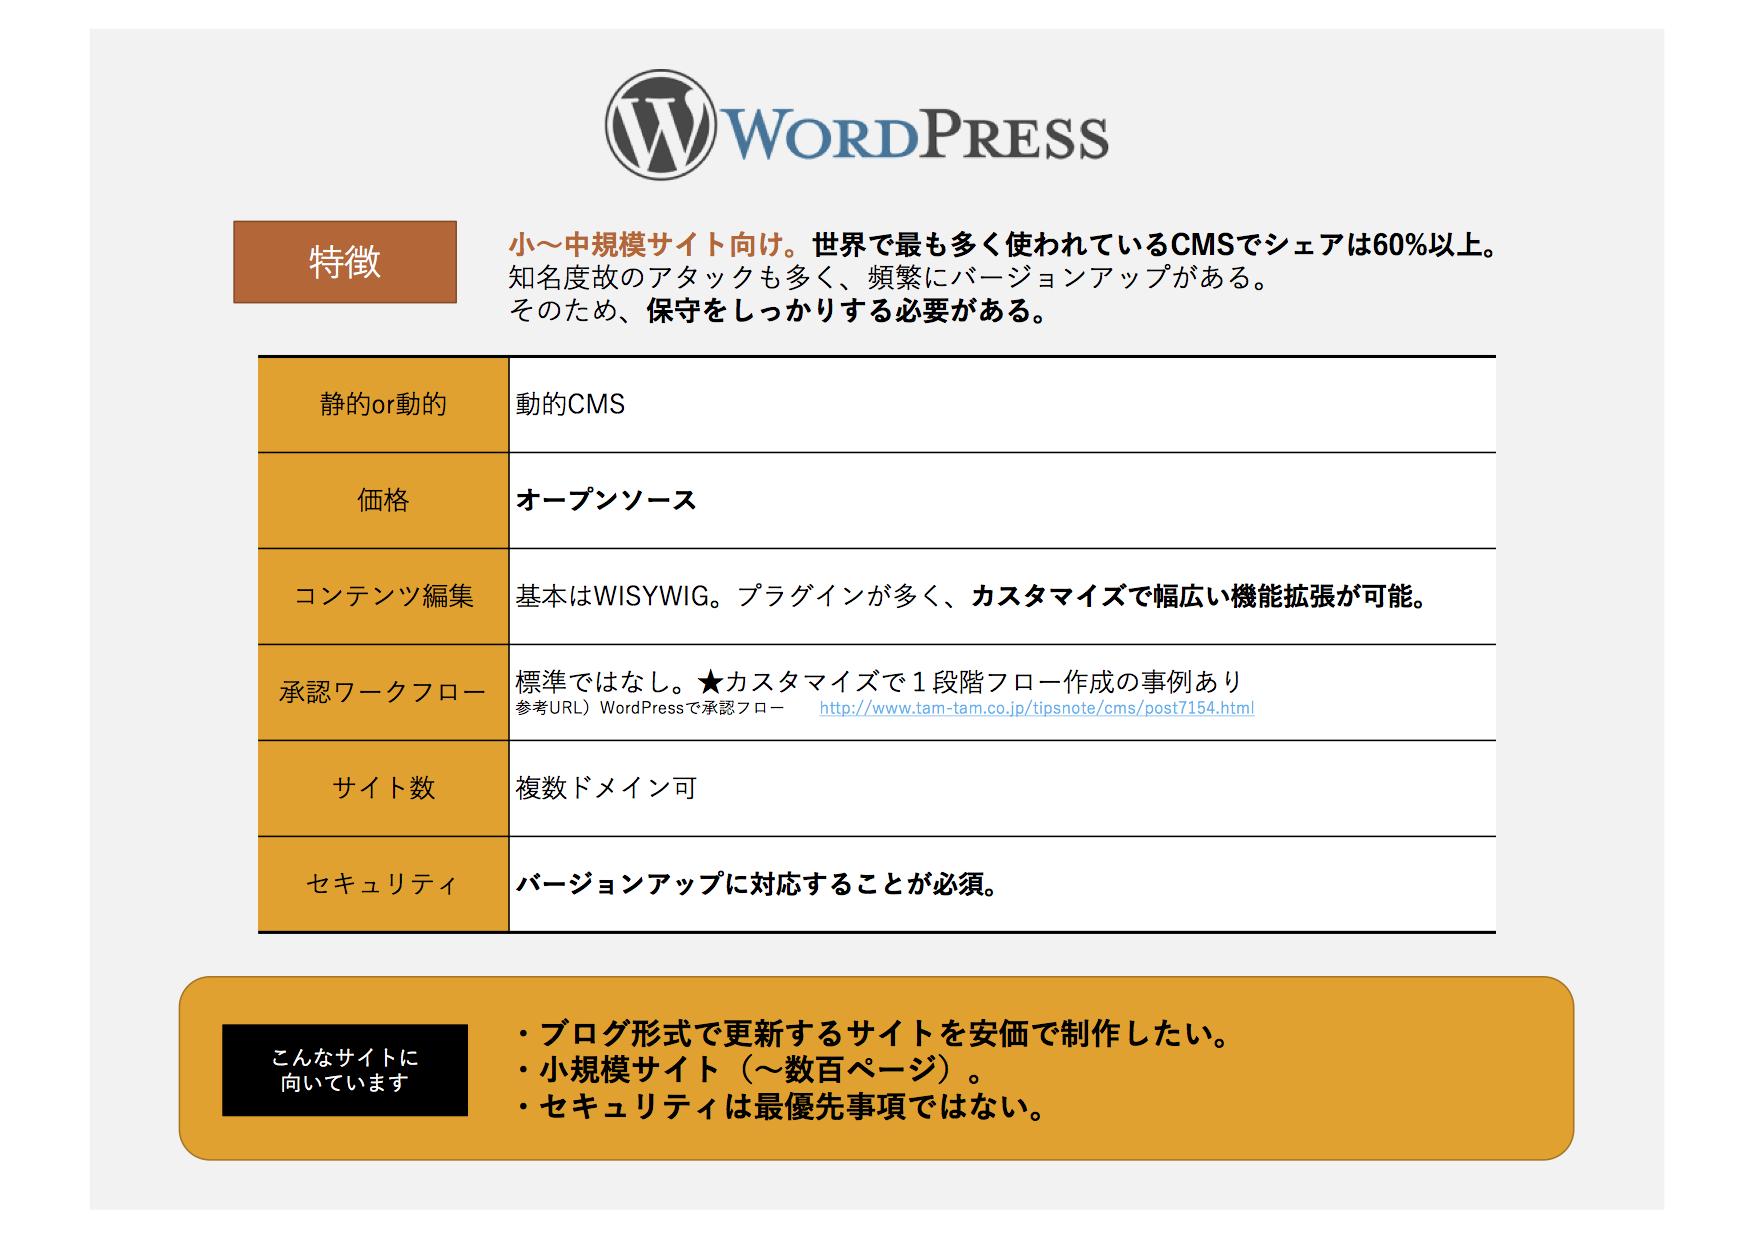 WordPressの特徴まとめ